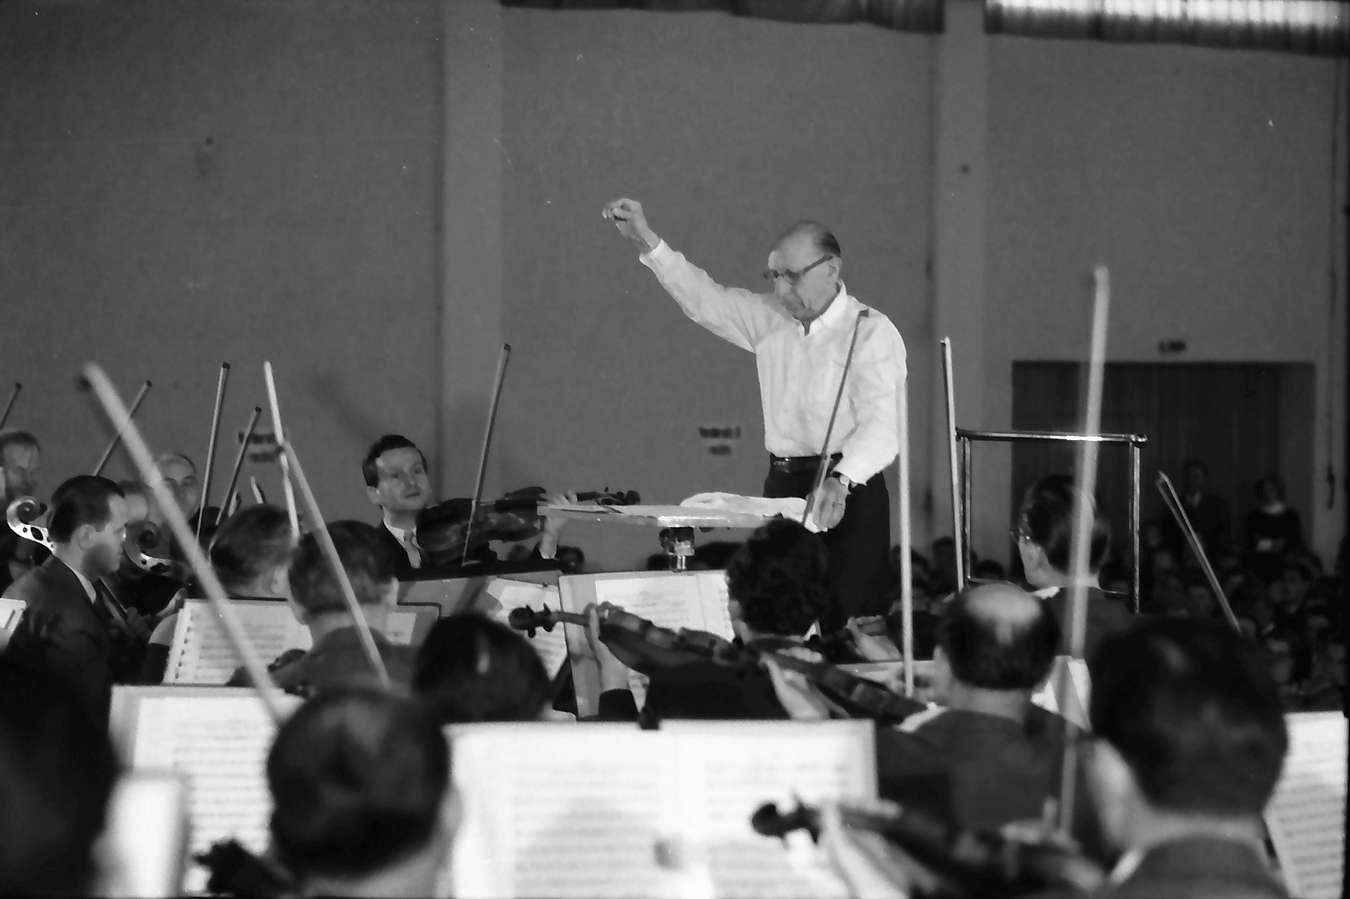 Donaueschingen: Donaueschinger Musiktage; Stadthalle; Igor Strawinsky dirigiert Südwestfunkorchester; bei der Probe, Bild 1